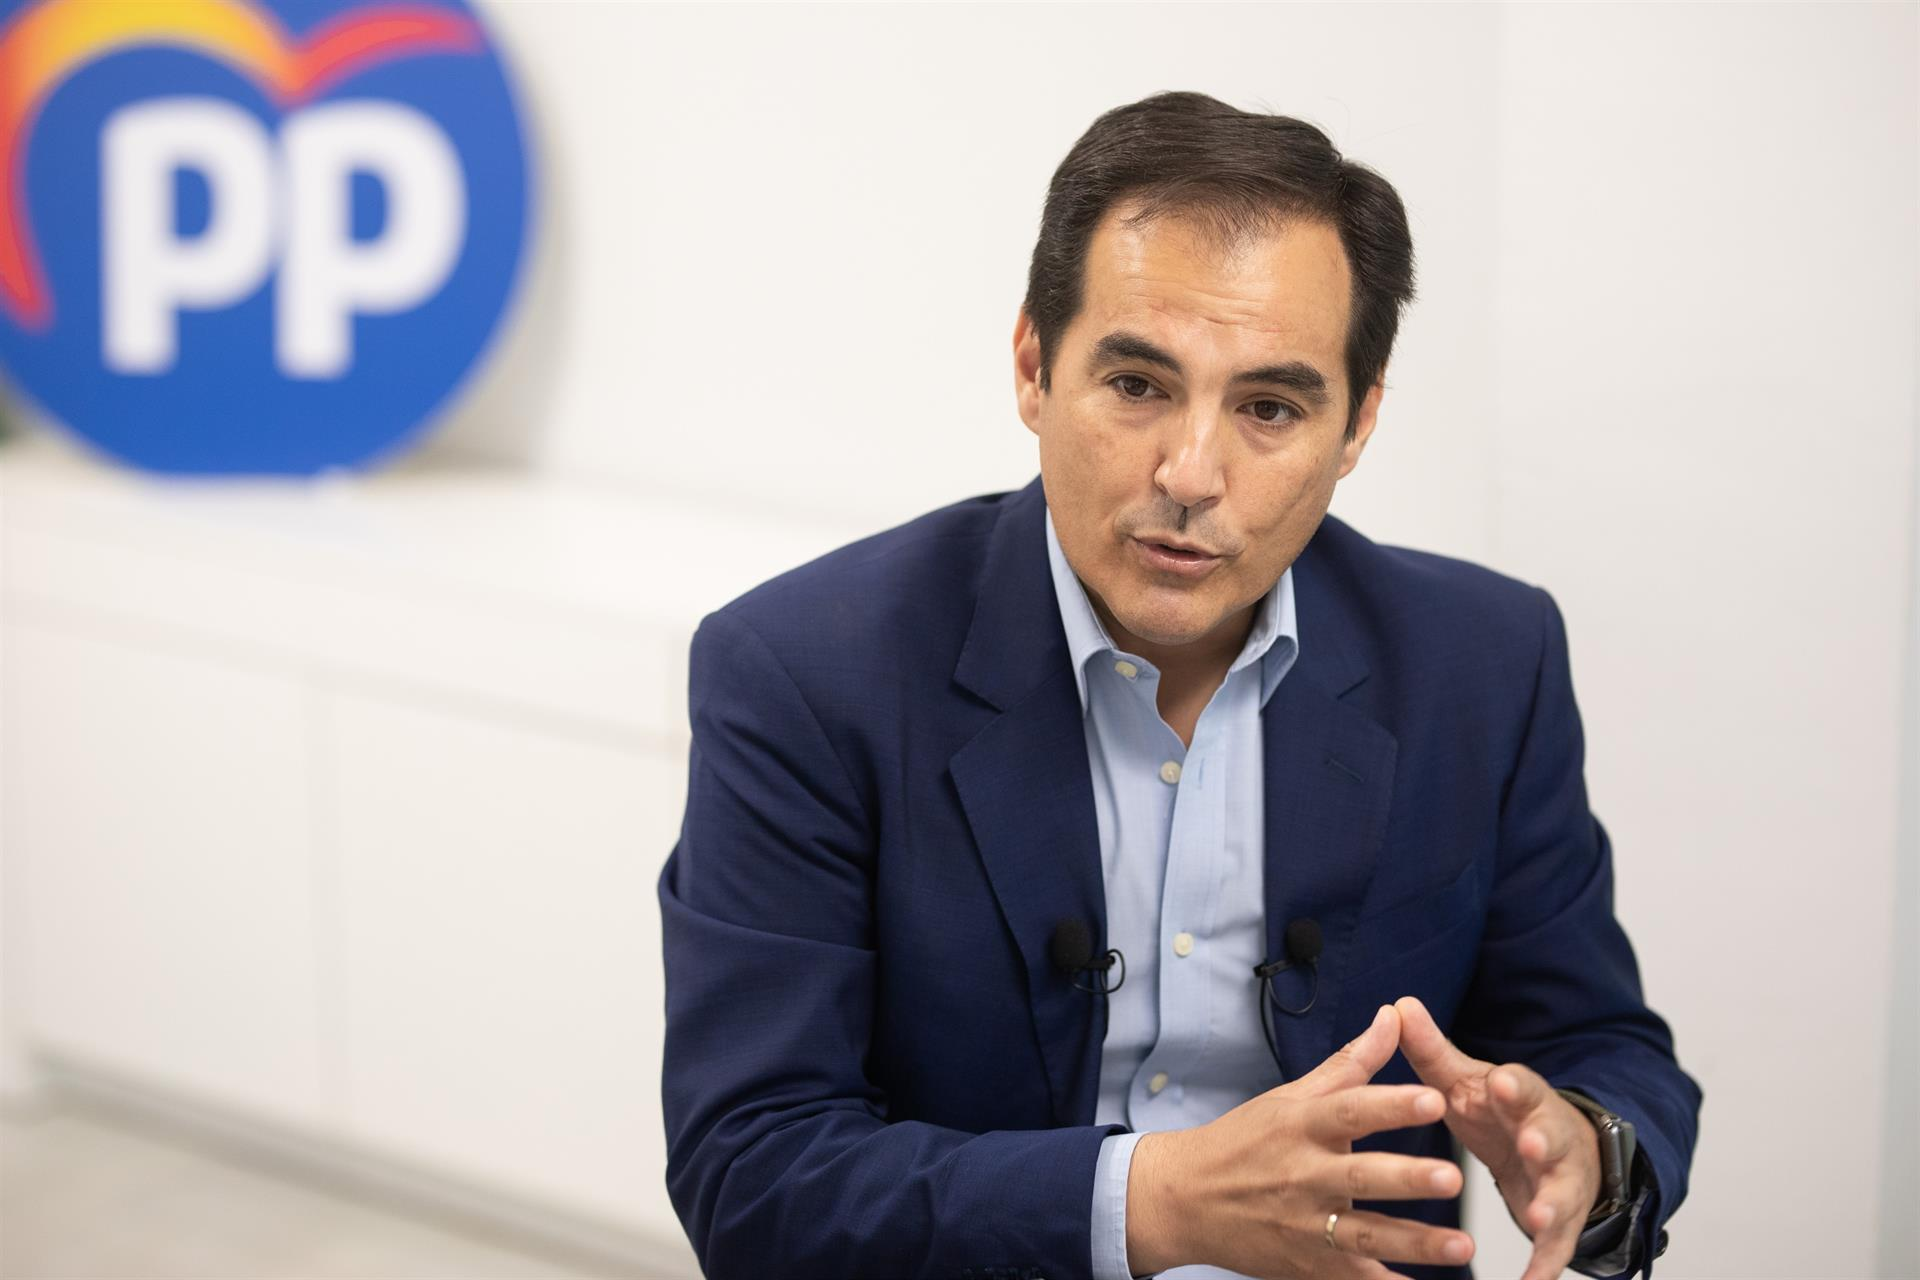 PP-A defiende el «trabajo serio y responsable» en Andalucía de Vox, cuya dirección nacional debe respetar su «autonomía»